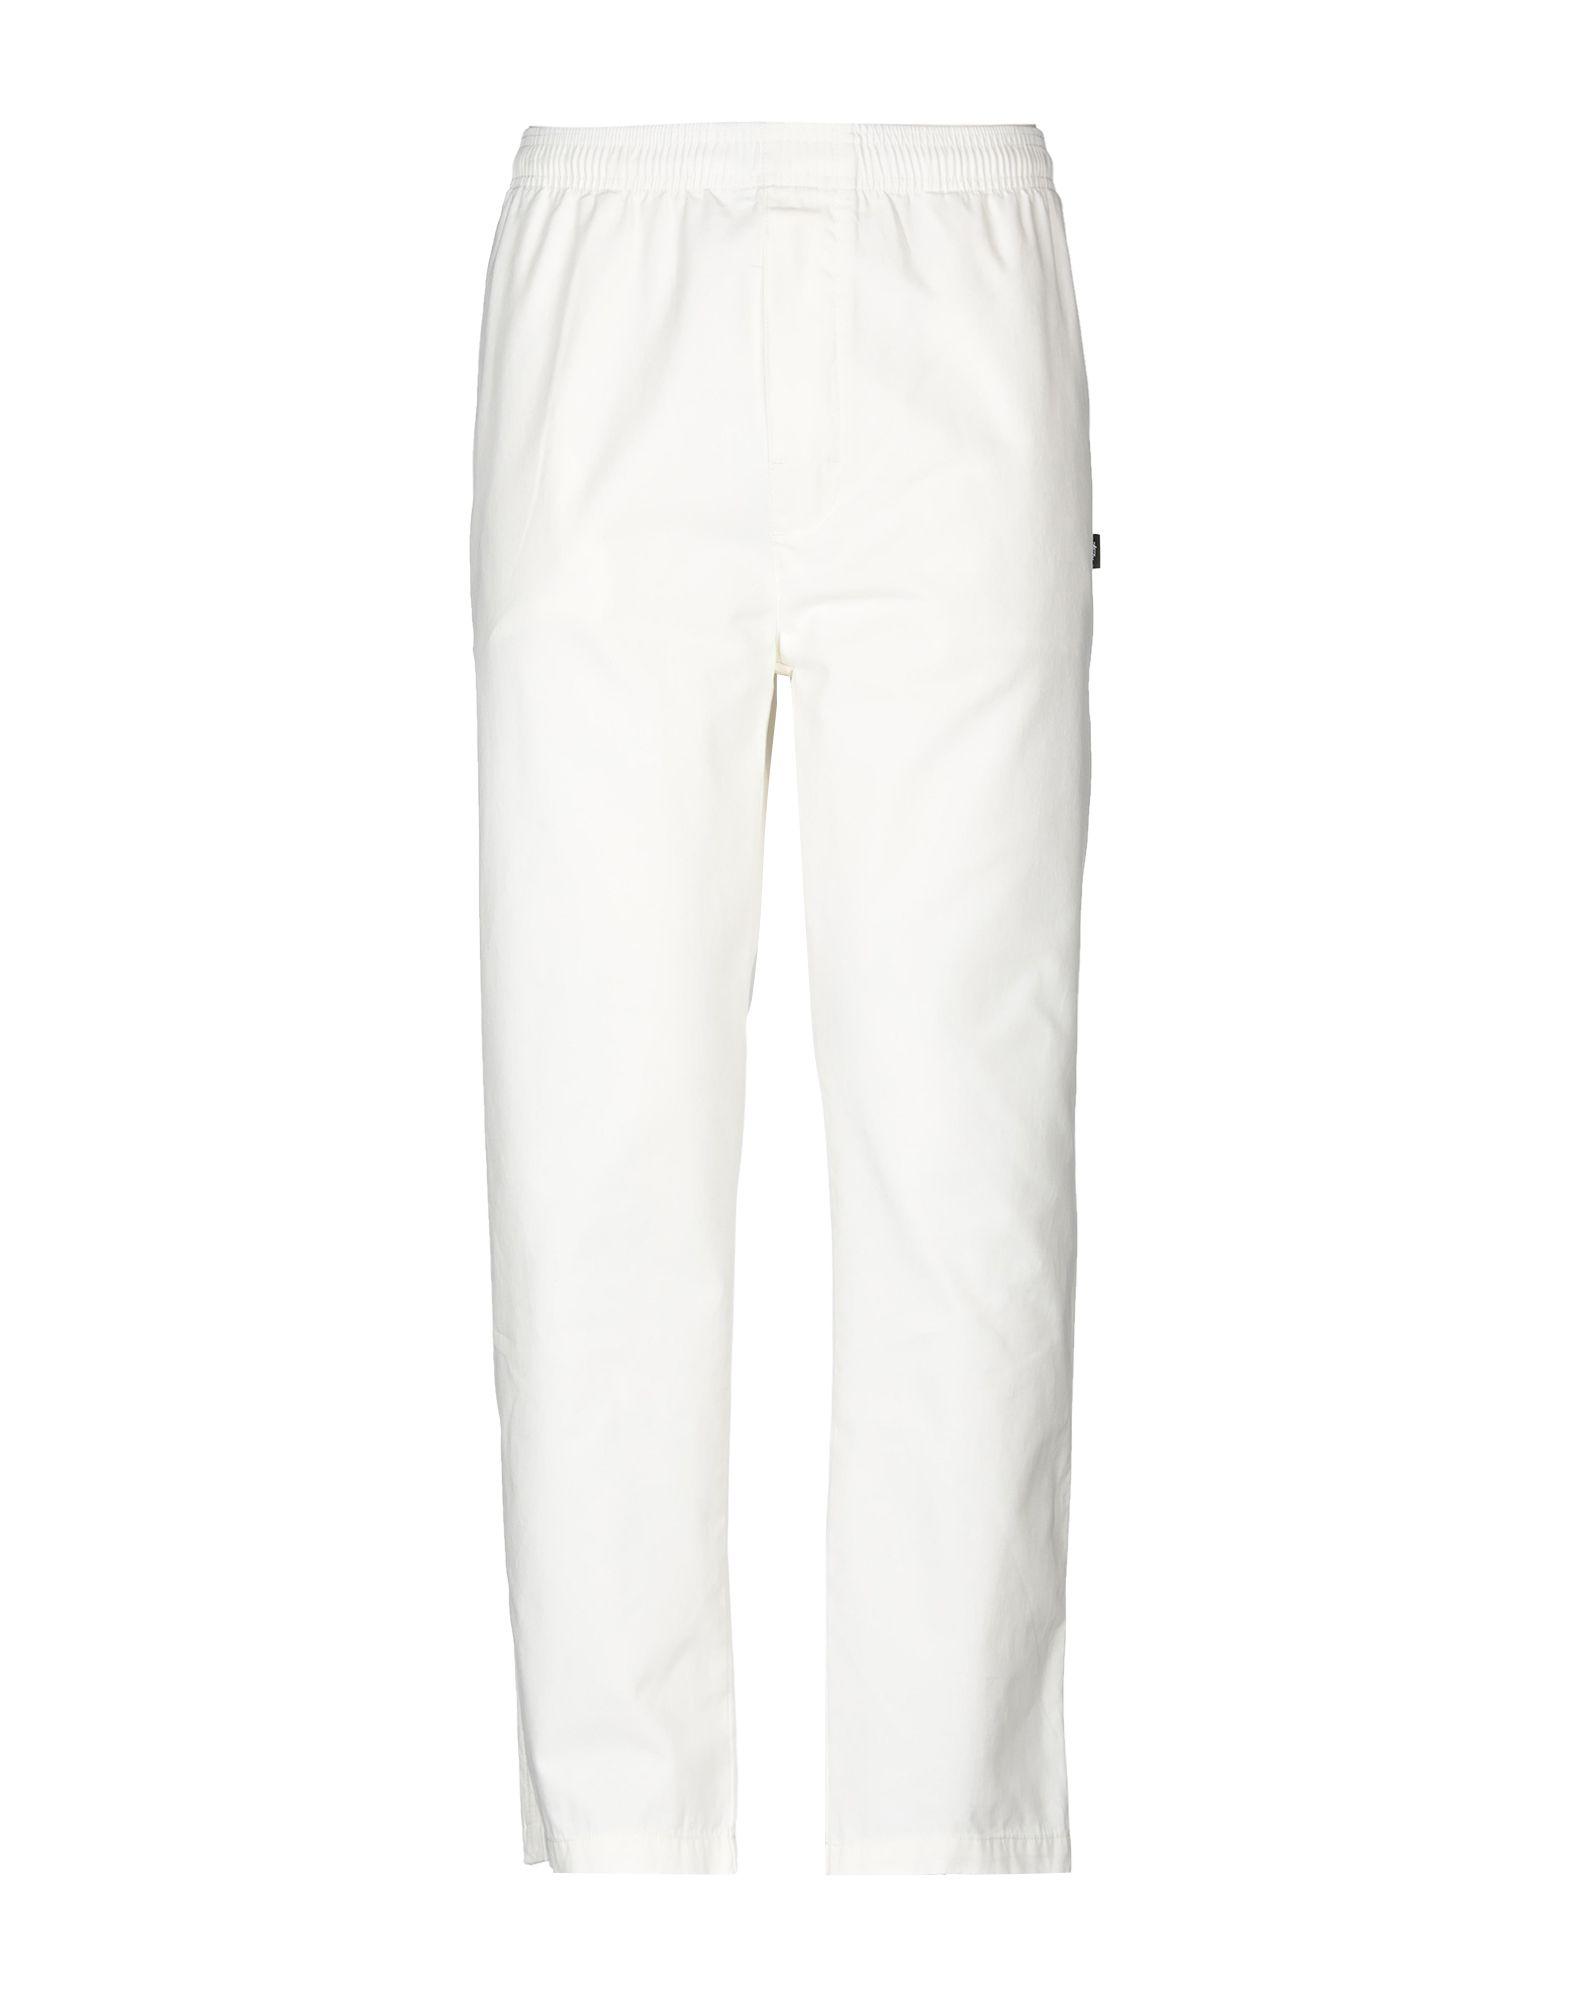 《送料無料》STUSSY メンズ パンツ アイボリー XL コットン 100%